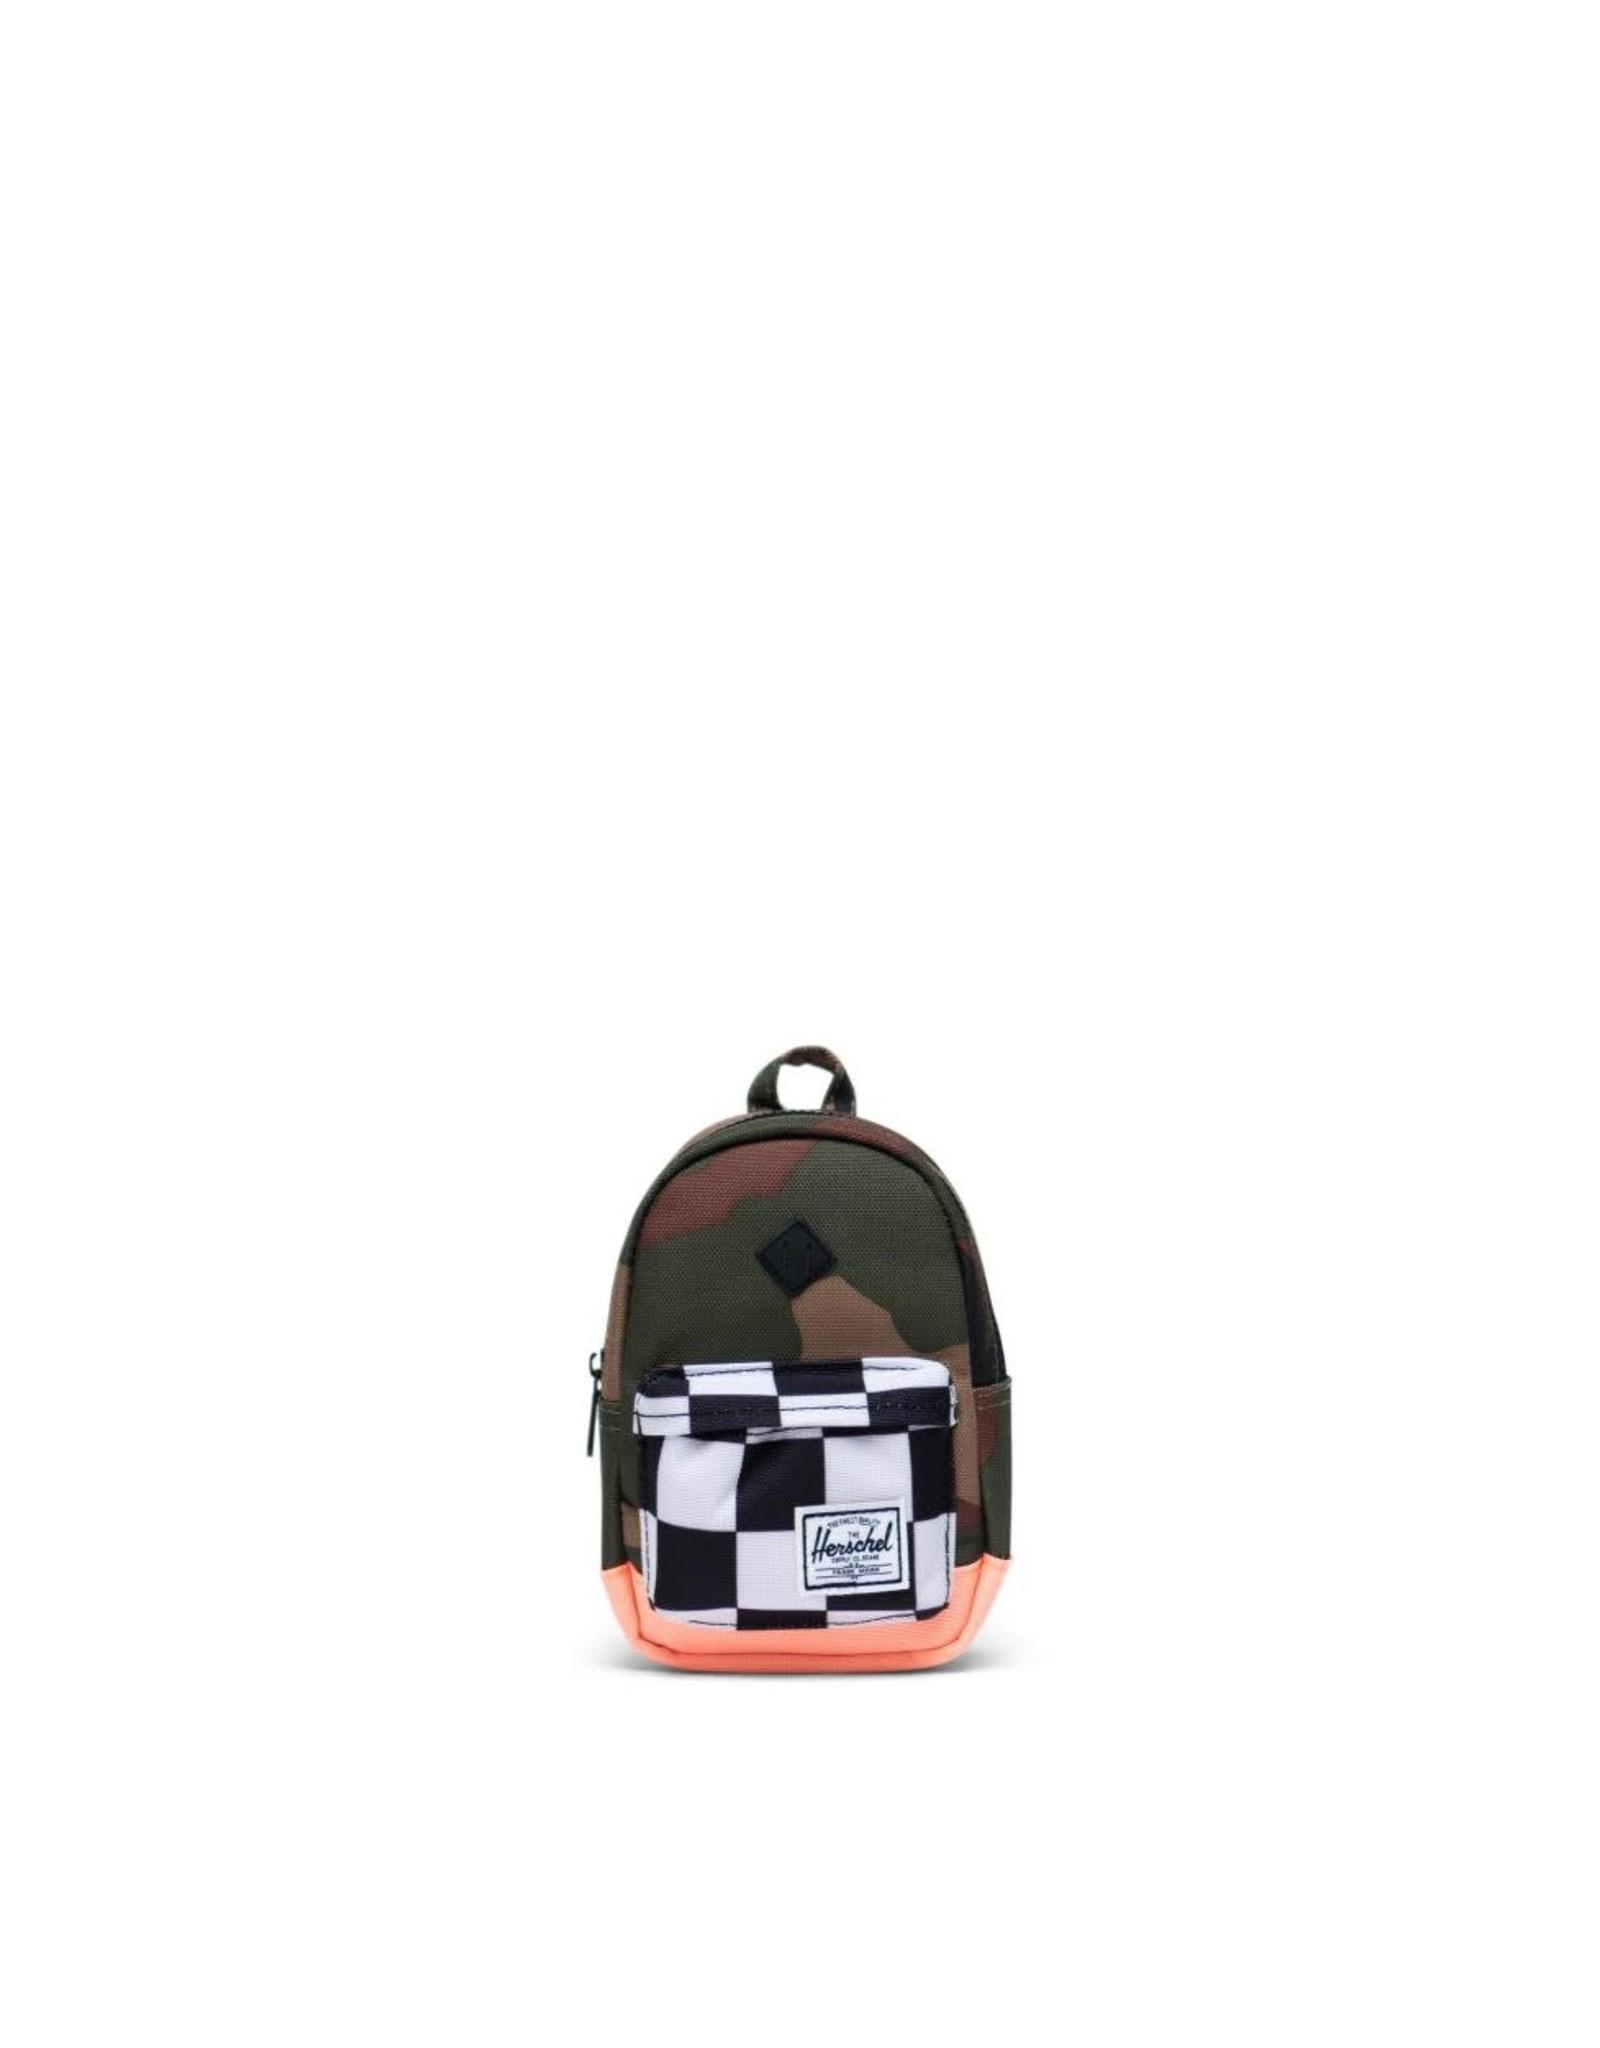 Herschel Herschel Heritage Case Woodland Camo/Black & White Checker/Neon Orange